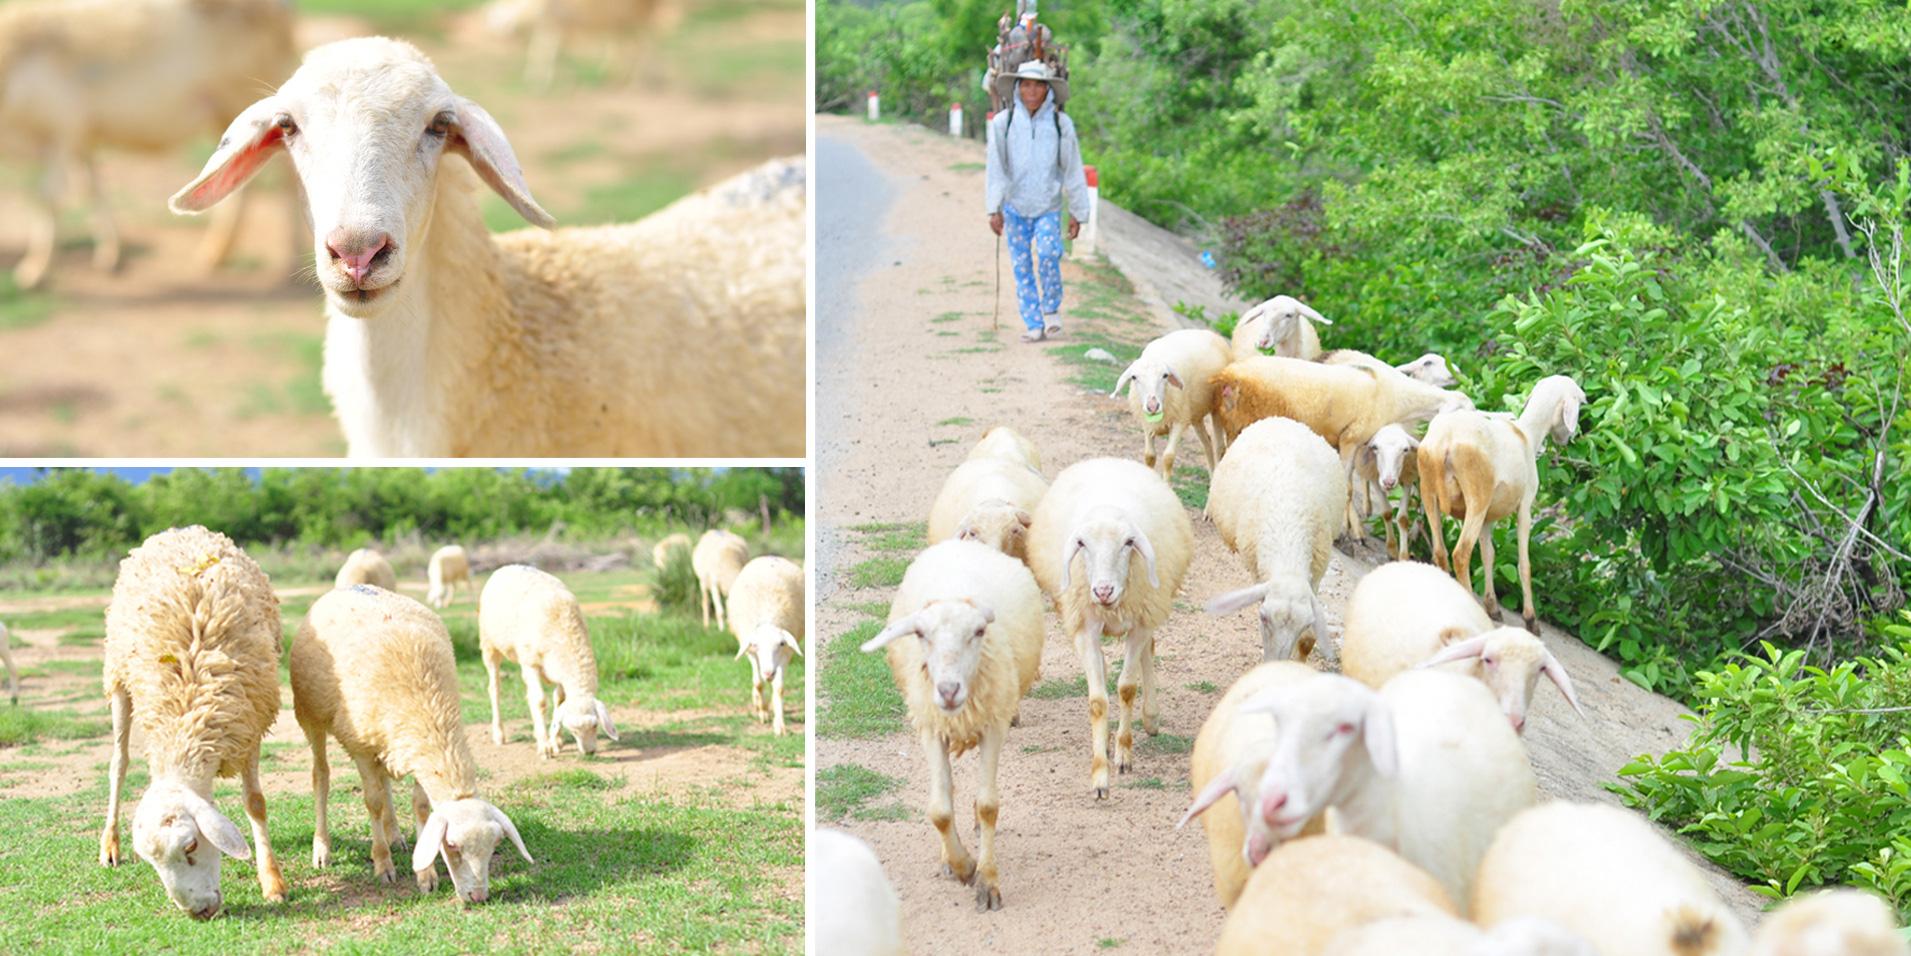 Nhiều tỉnh đã nuôi được cừu, nhưng nuôi bán thịt thì chỉ có tỉnh nào? - Ảnh 2.